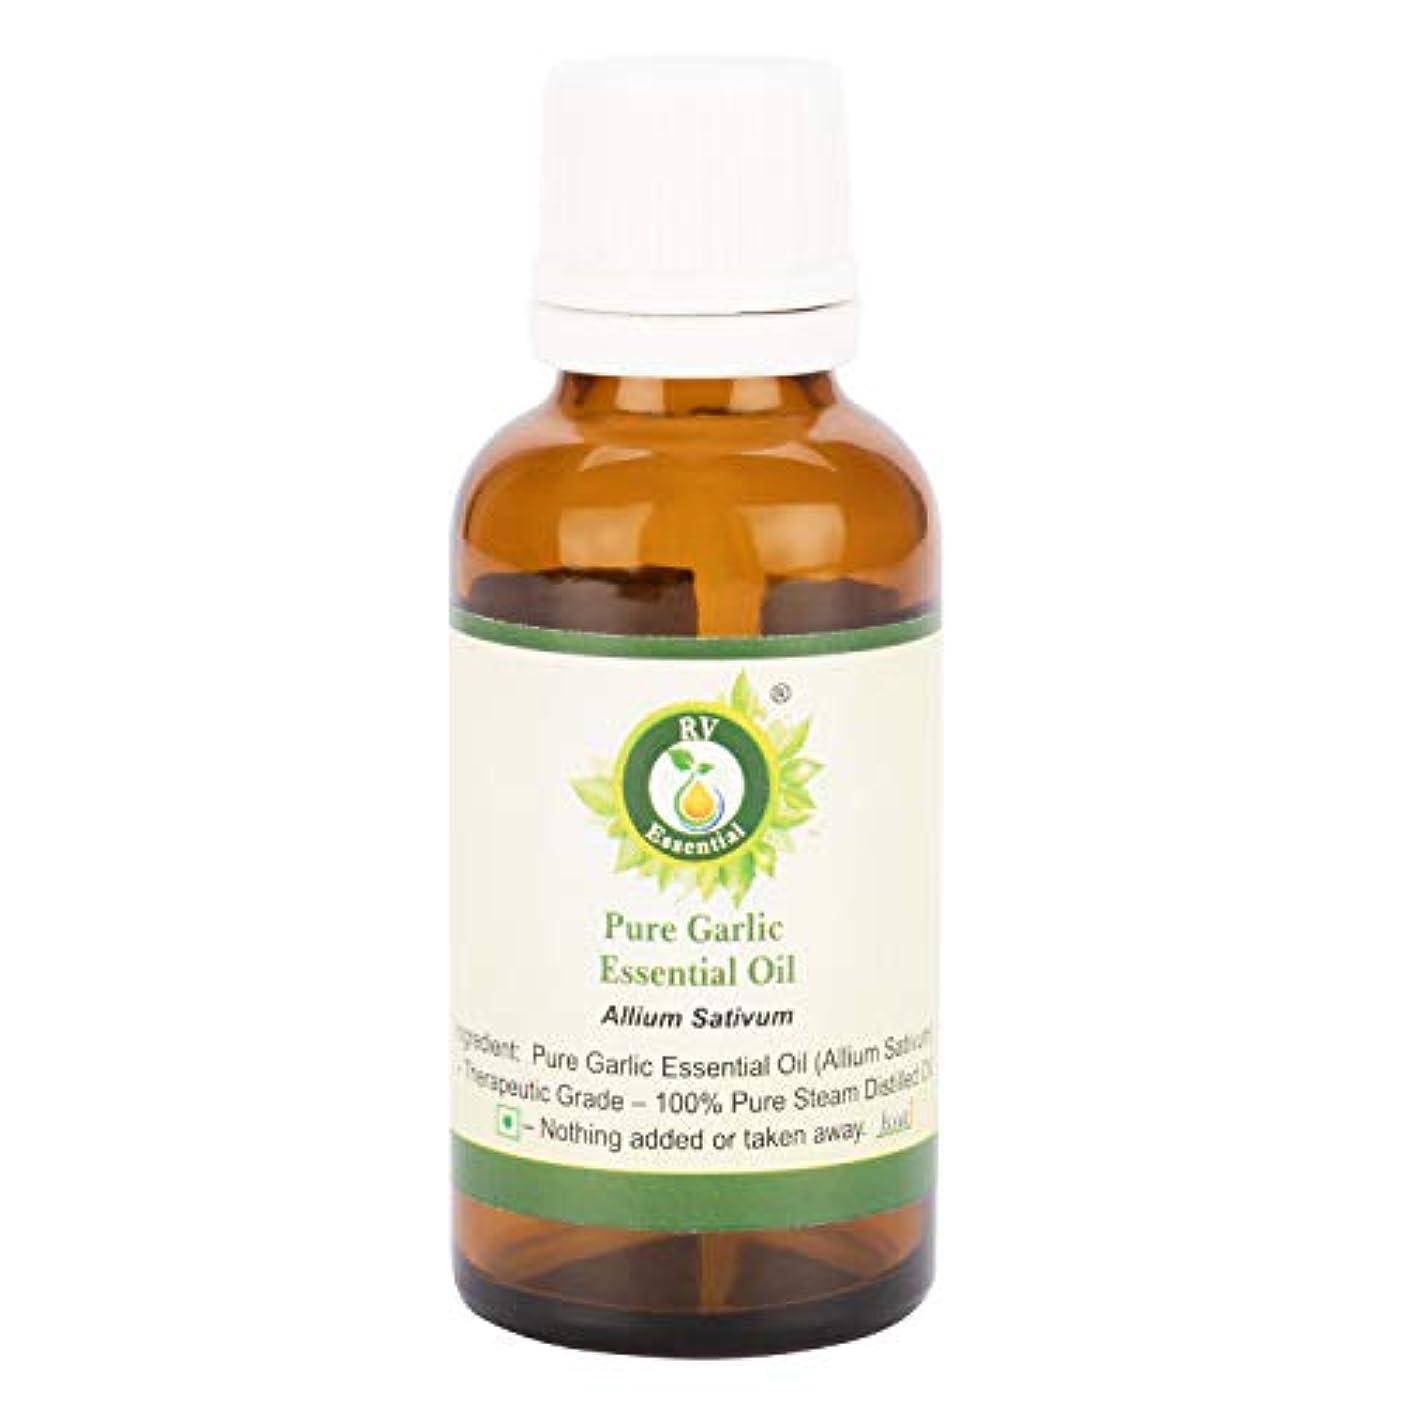 鷹刃チートピュアニンニクエッセンシャルオイル100ml (3.38oz)- Allium Sativum (100%純粋&天然スチームDistilled) Pure Garlic Essential Oil